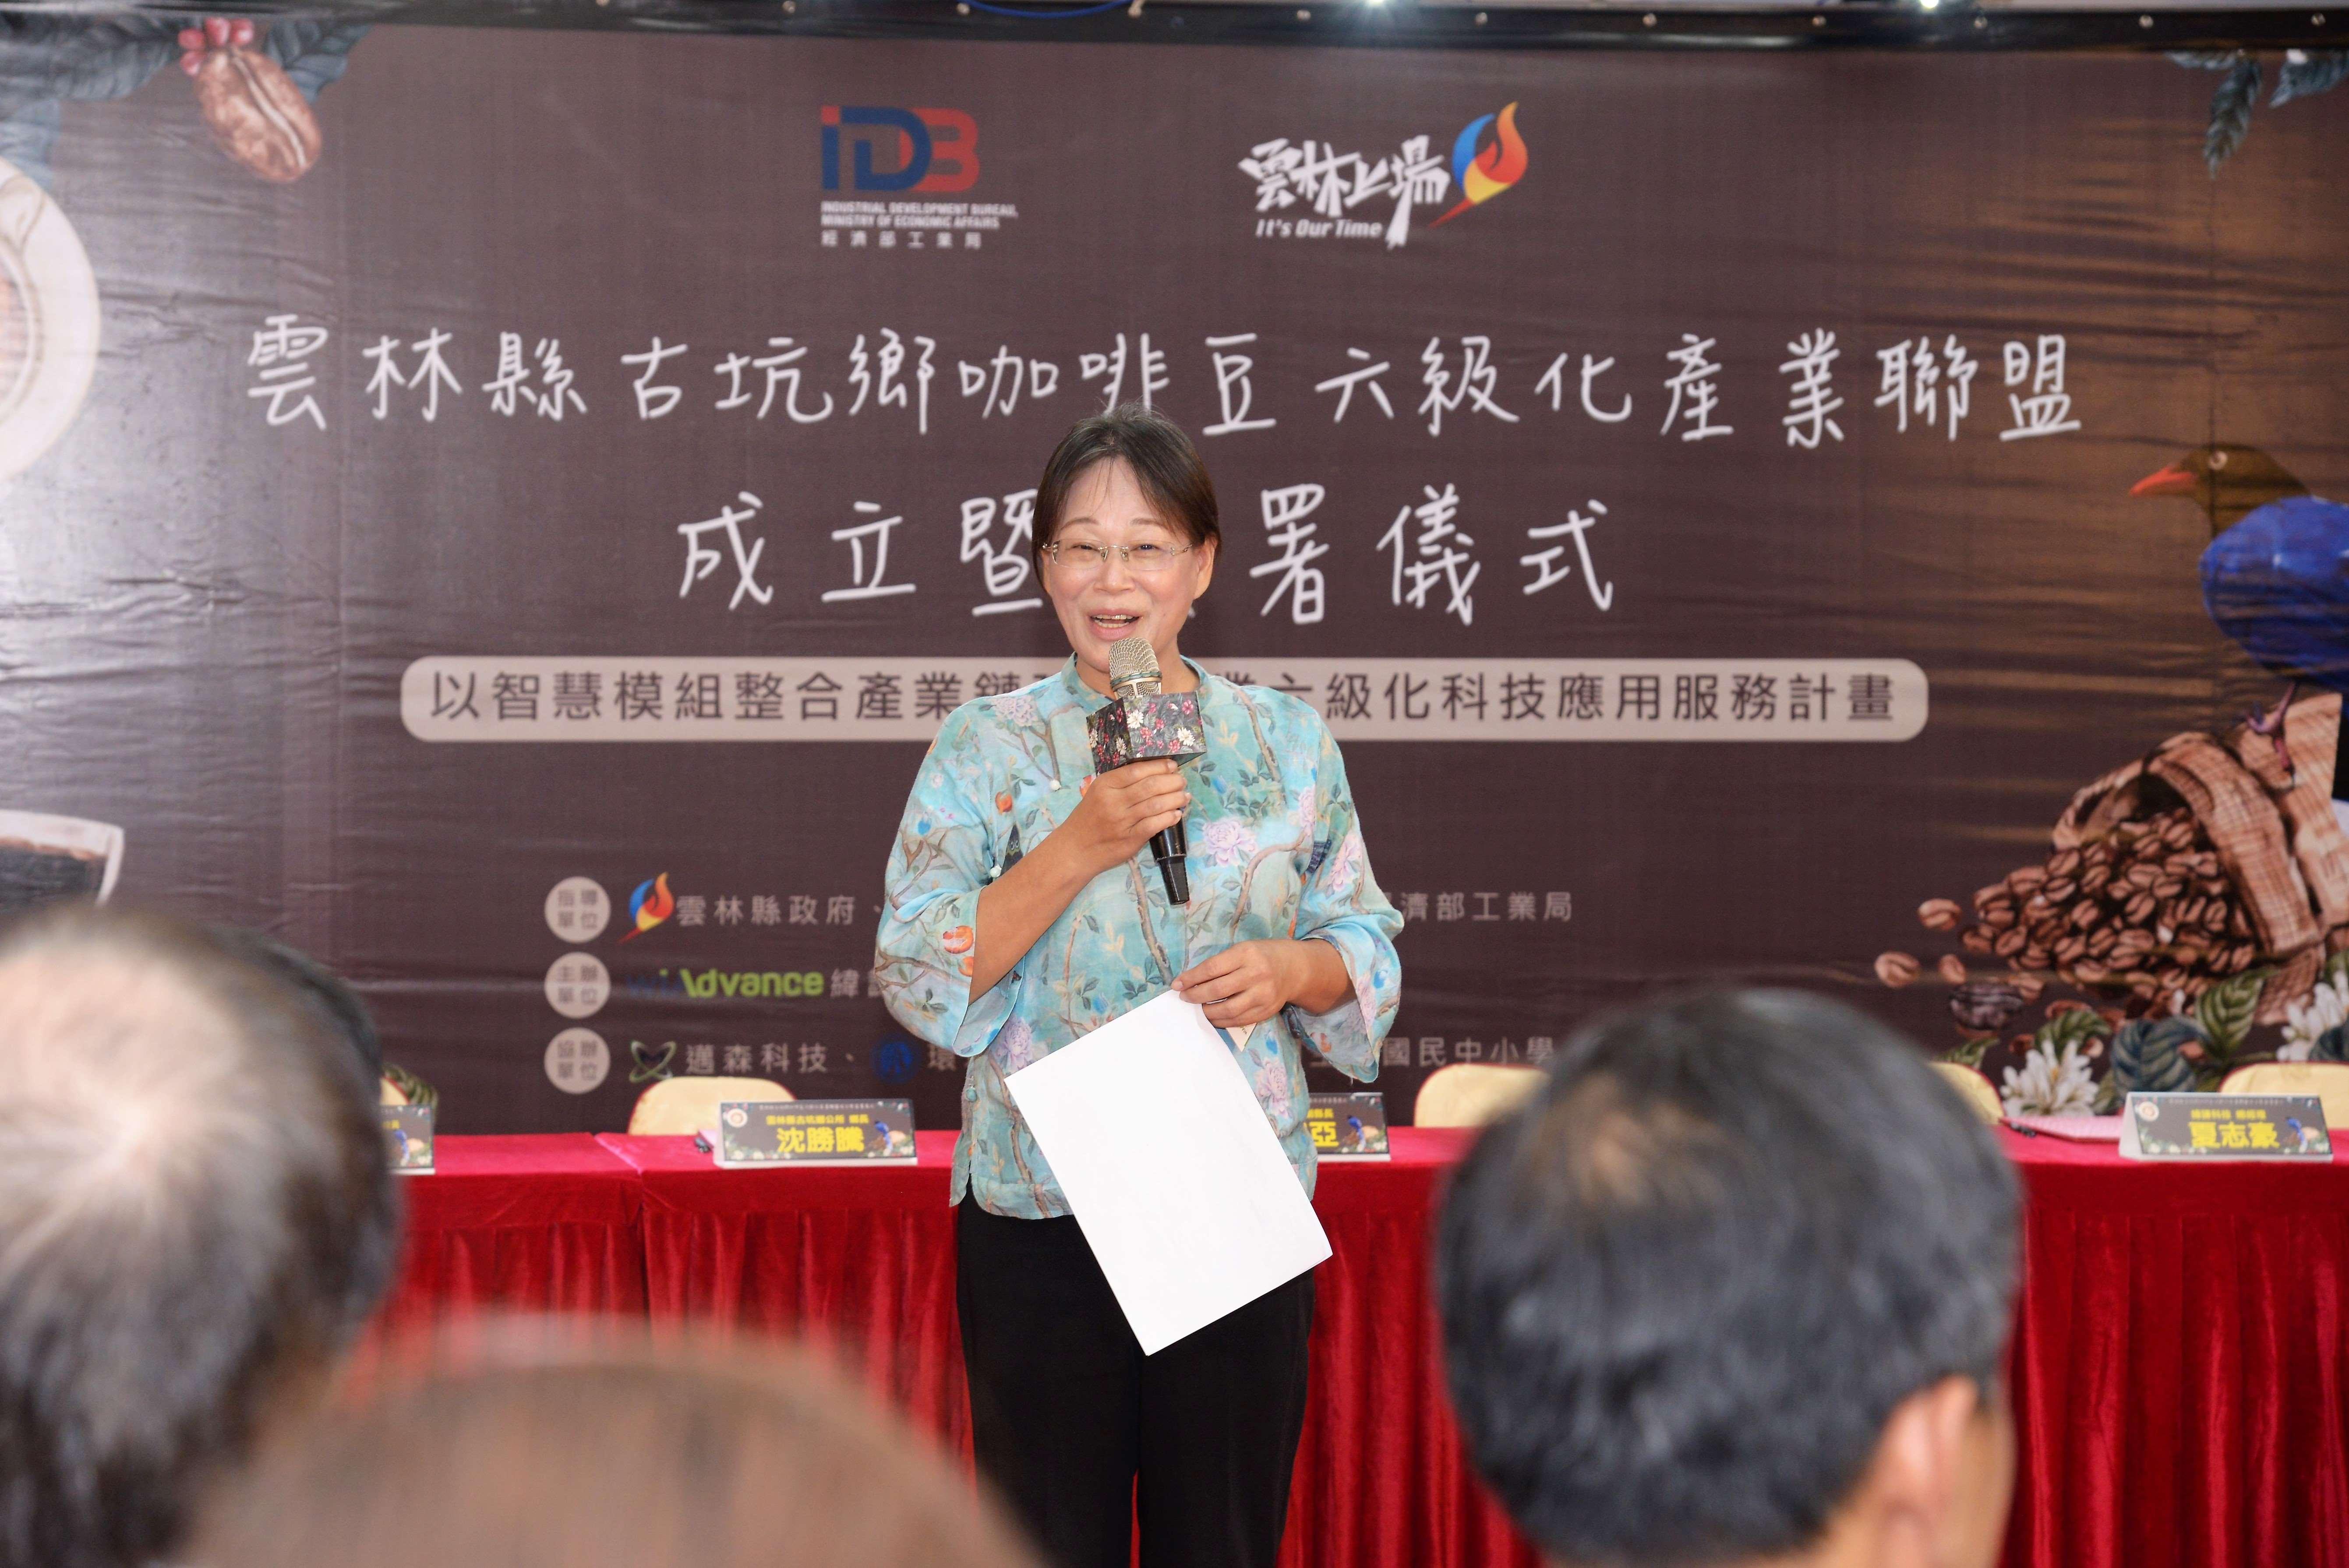 副縣長謝淑亞出席見證「雲林縣古坑鄉咖啡豆六級化產業聯盟成立暨簽署儀式」